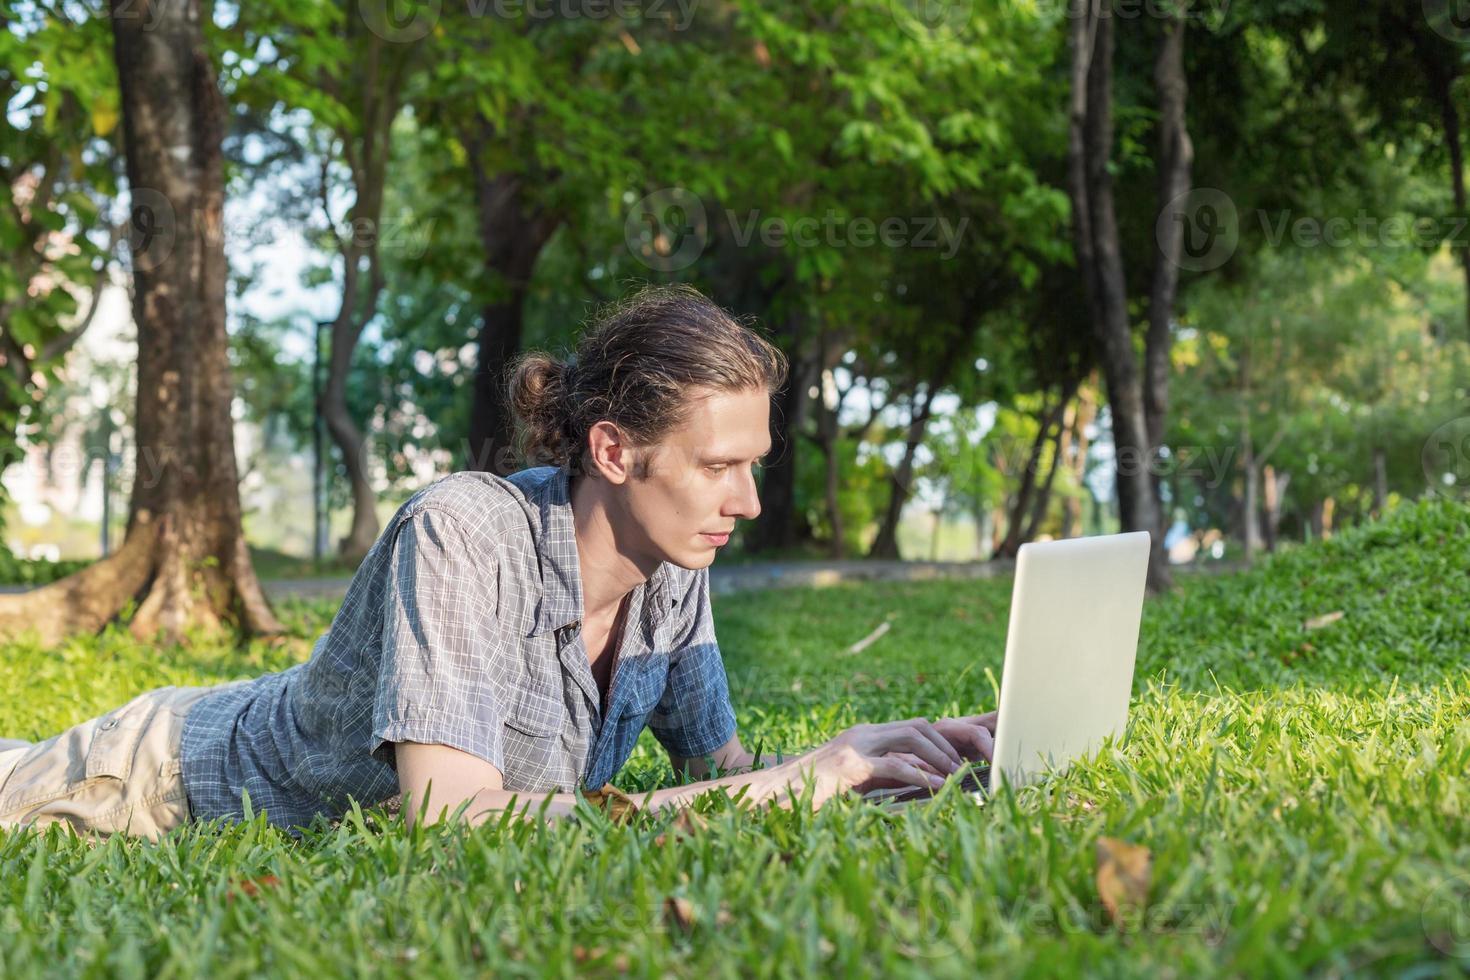 Yang Geschäftsmann arbeitet im Freien mit Laptop-Computer foto